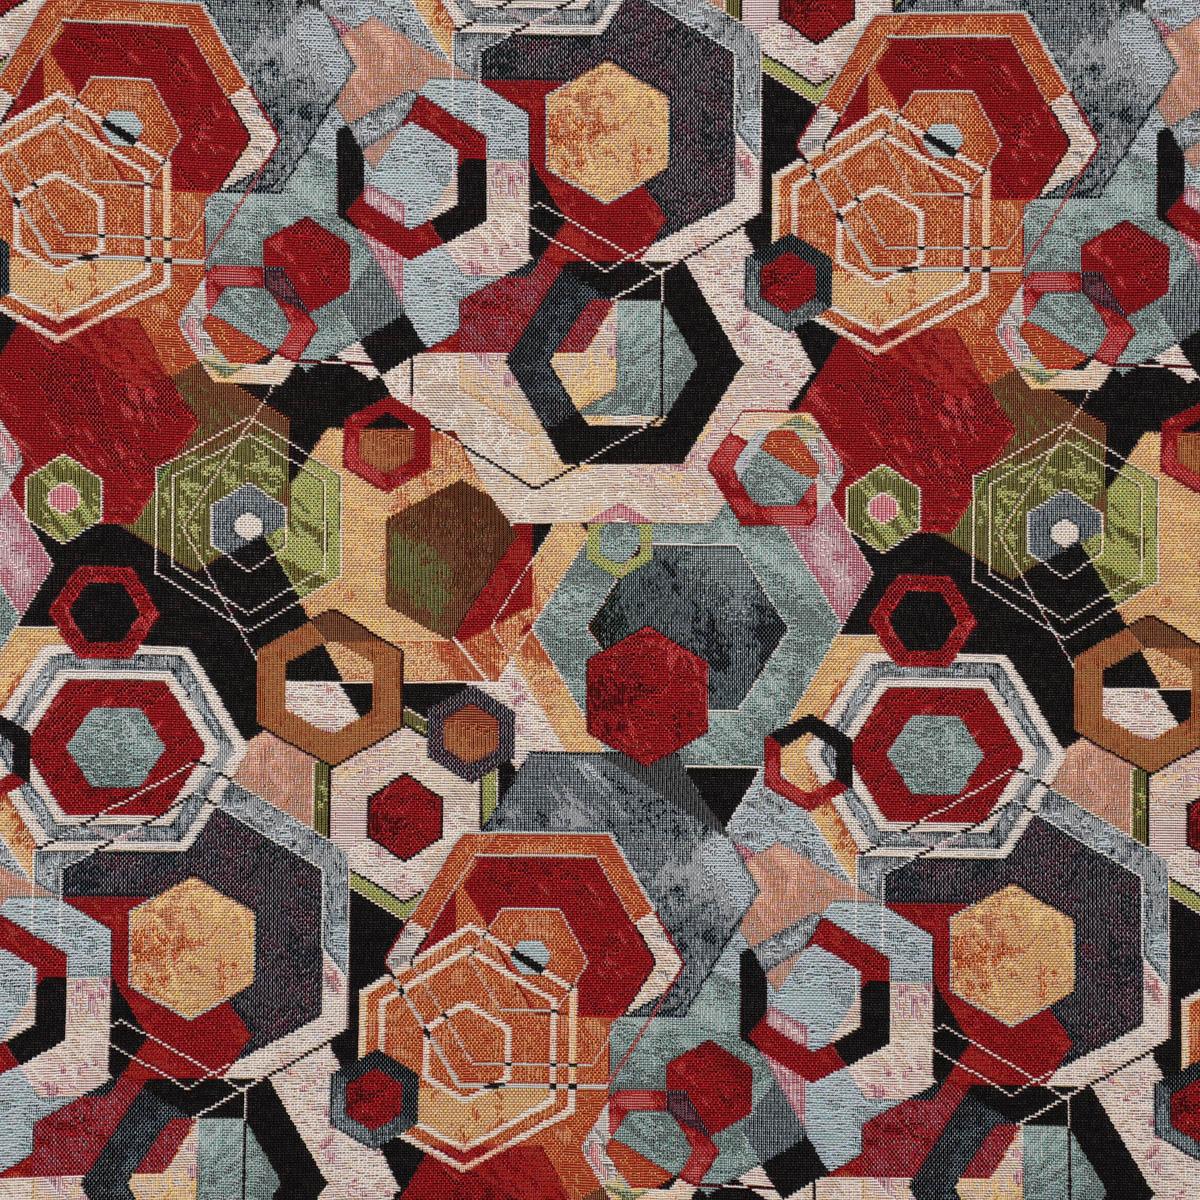 Dekostoff Gobelin Premium Geometric Colourful Art Hexagon bunt 1,4m Breite